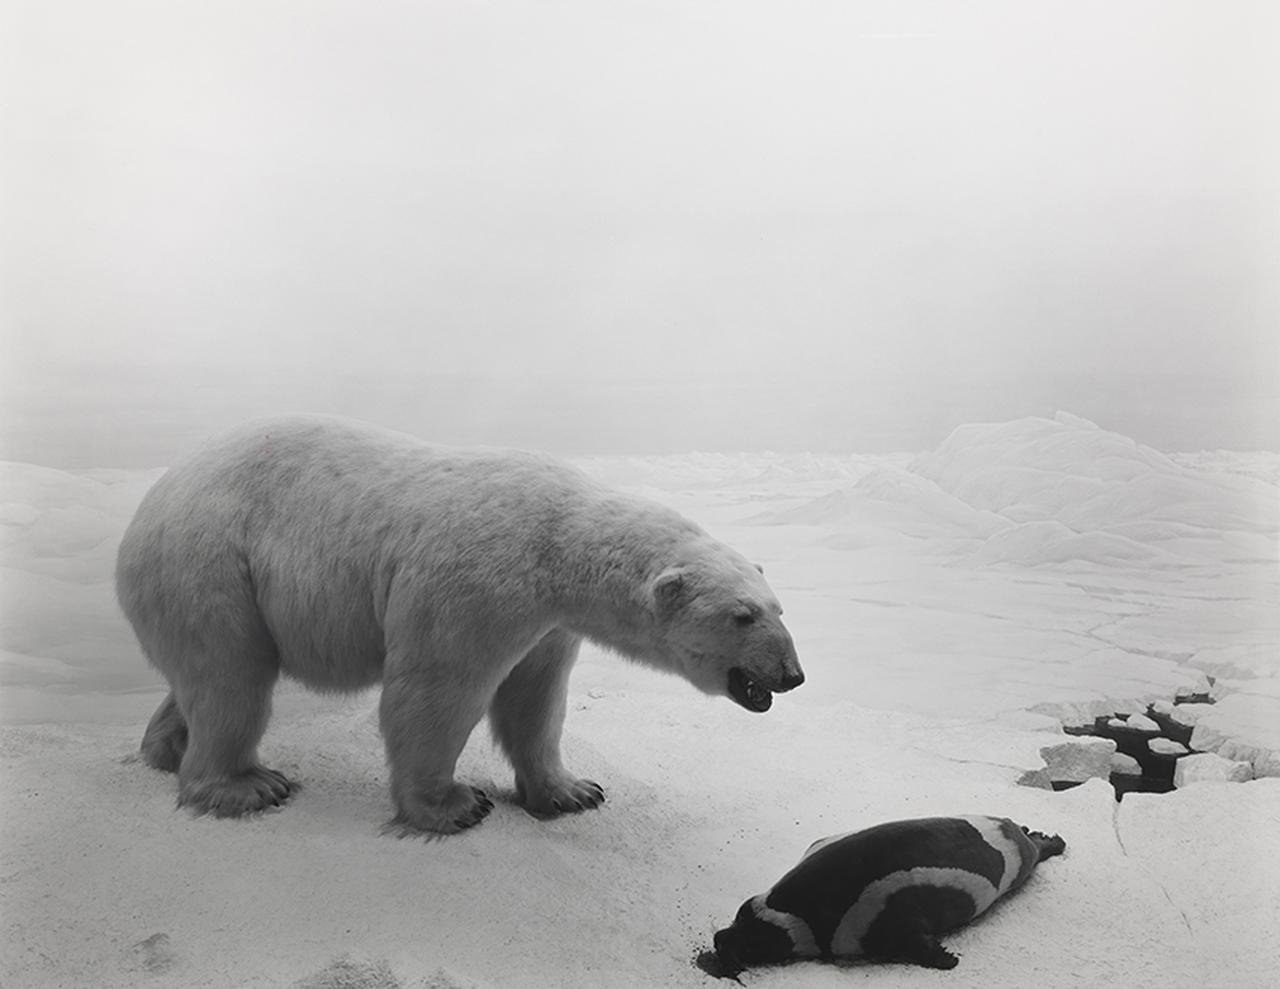 画像: 杉本博司《シロクマ》1976年 ゼラチン・シルバー・プリント 42.3×54.6 cm 所蔵:大林コレクション Hiroshi Sugimoto Polar Bear 1976 Gelatin silver print 42.3 x 54.6 cm